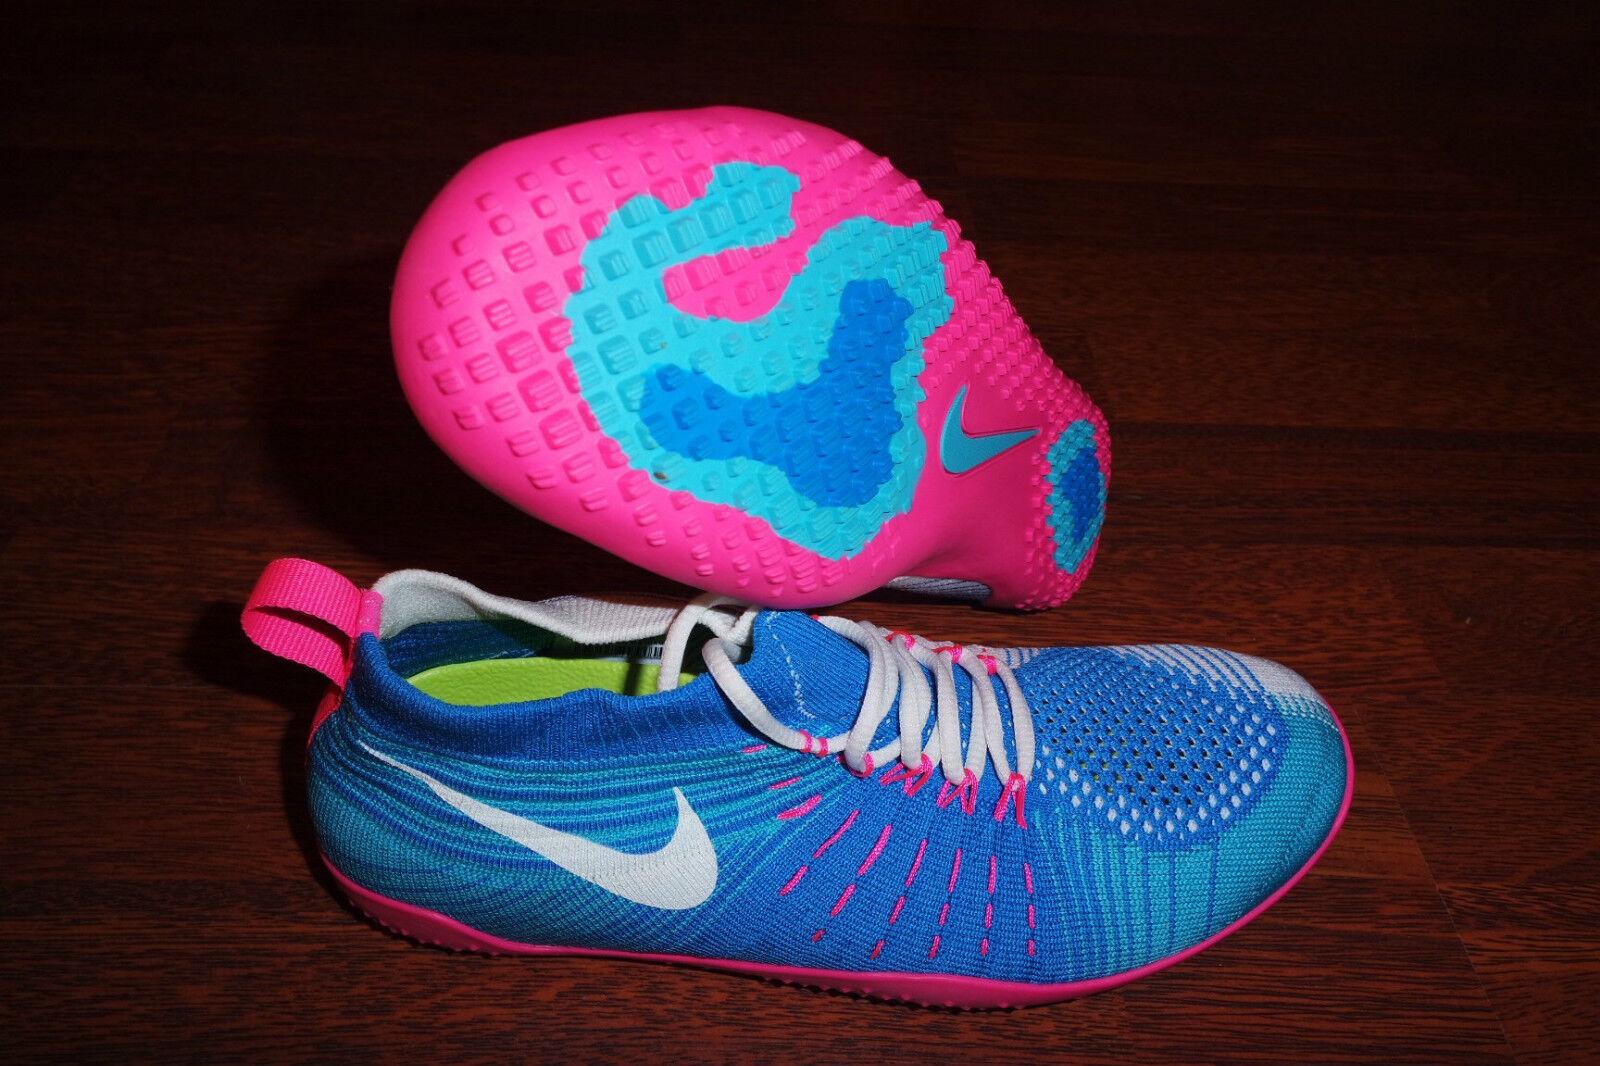 Nike Femme Hyperfeel Cross Elite 638348 400 Bleu/Rose/Blanc SZ 8 SZ 9.5